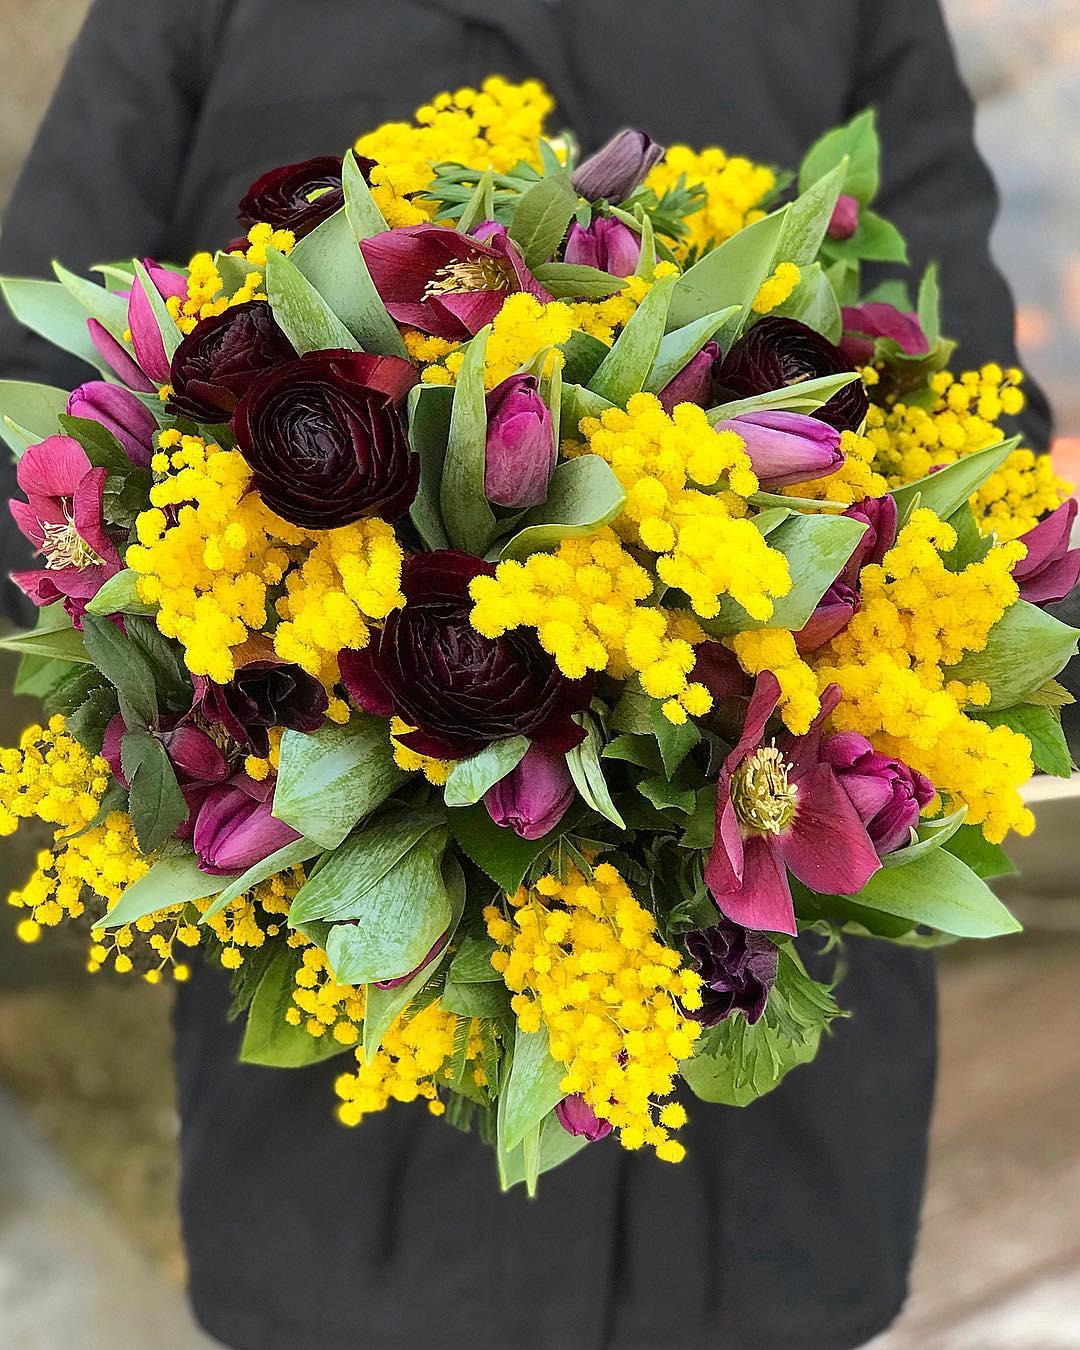 Цветы лилии, эксклюзивные букеты на заказ москва недорого